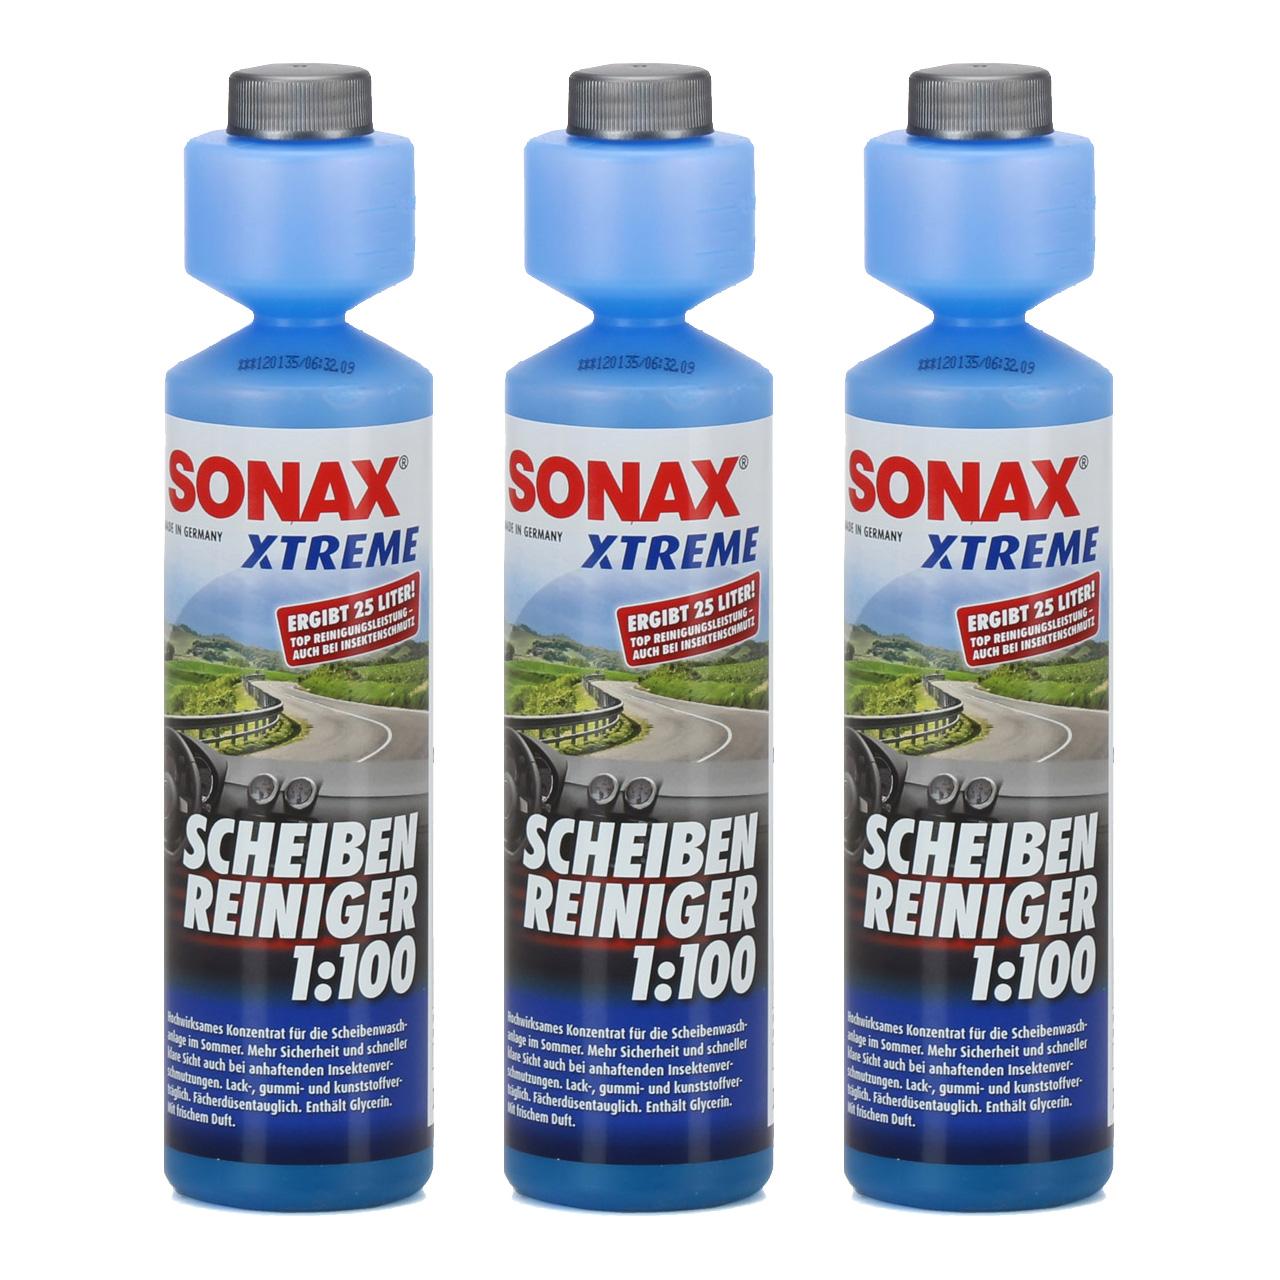 3x 250ml SONAX 271141 XTREME Scheiben Reiniger 1:100 NanoPro Scheiben Klar